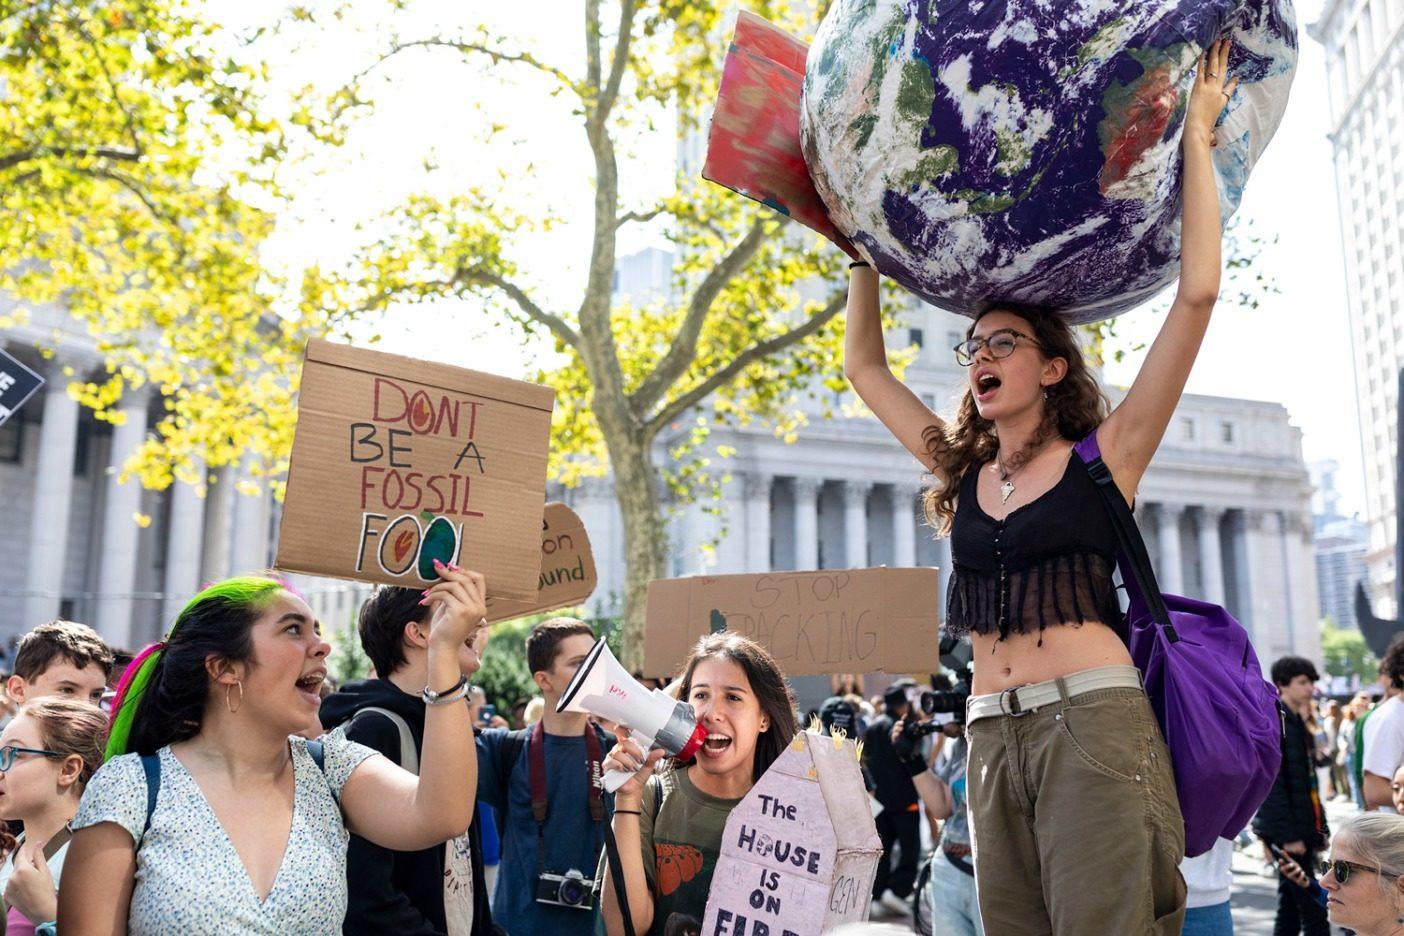 ニューヨーク市の9月20日の気候ストライキはアメリカでは最大の規模であり、主催者はおよそ25万人がこの若者主導のストライキに参加したと推定する。Photo: Keri Oberly